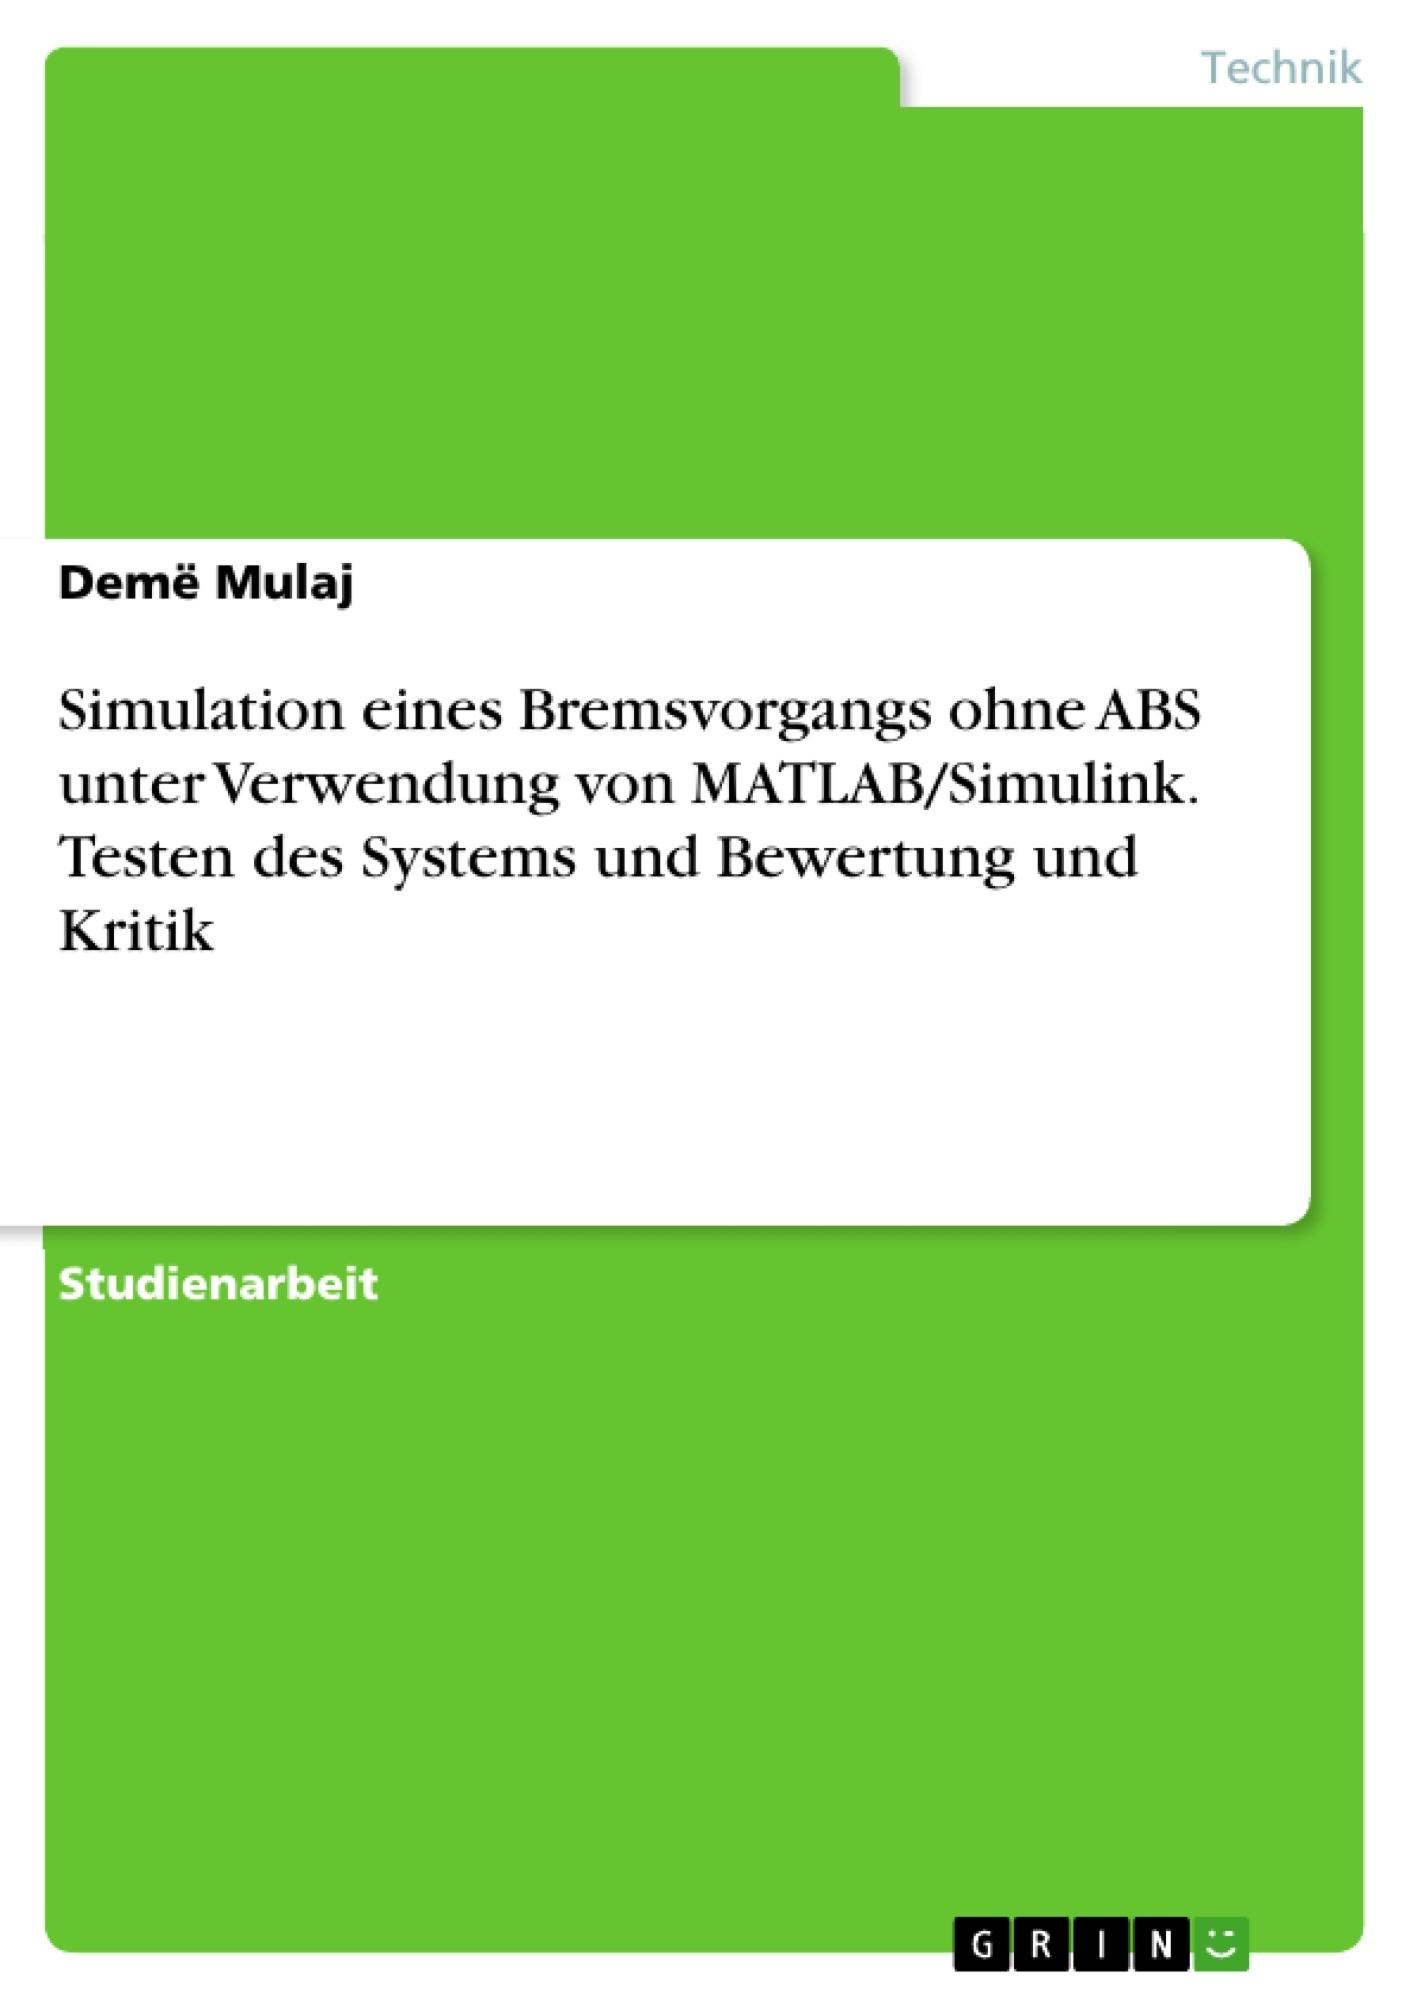 Titel: Simulation eines Bremsvorgangs ohne ABS unter Verwendung von MATLAB/Simulink. Testen des Systems und Bewertung und Kritik